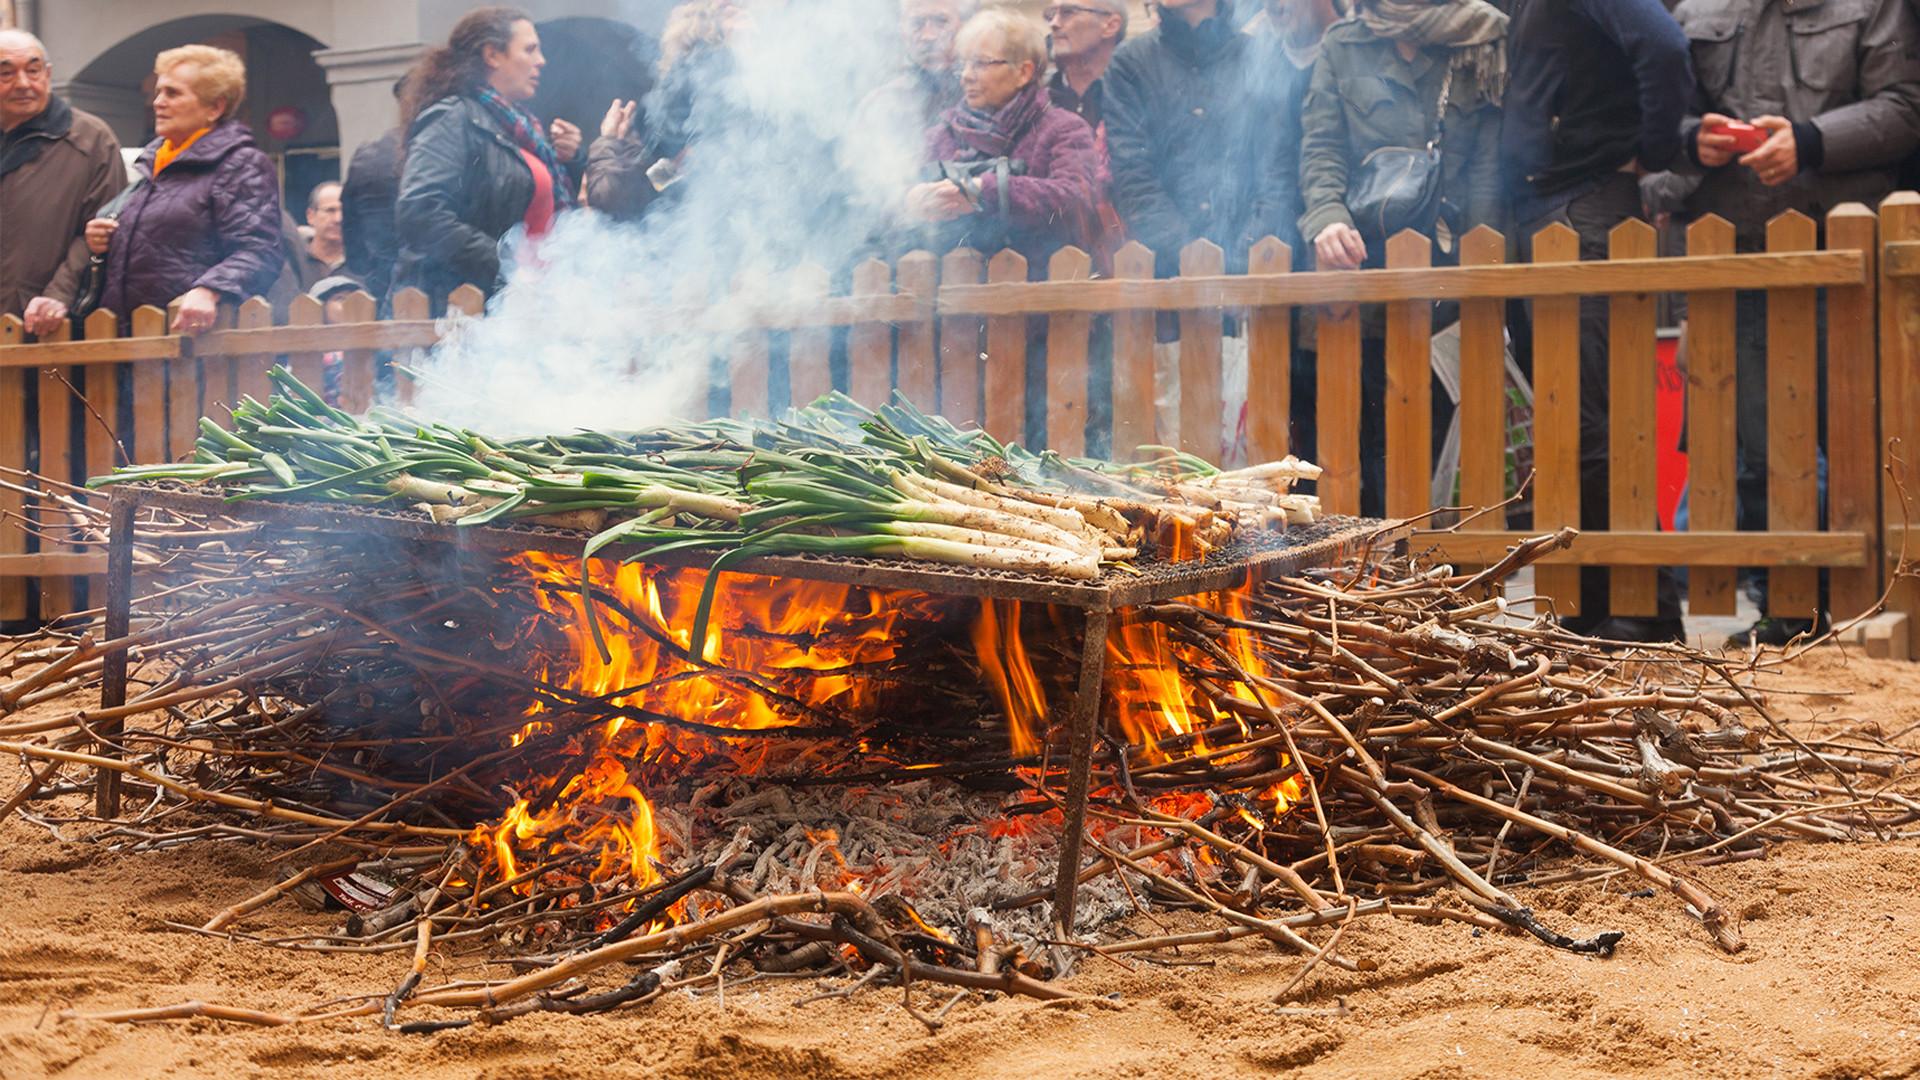 Calçotada Festival